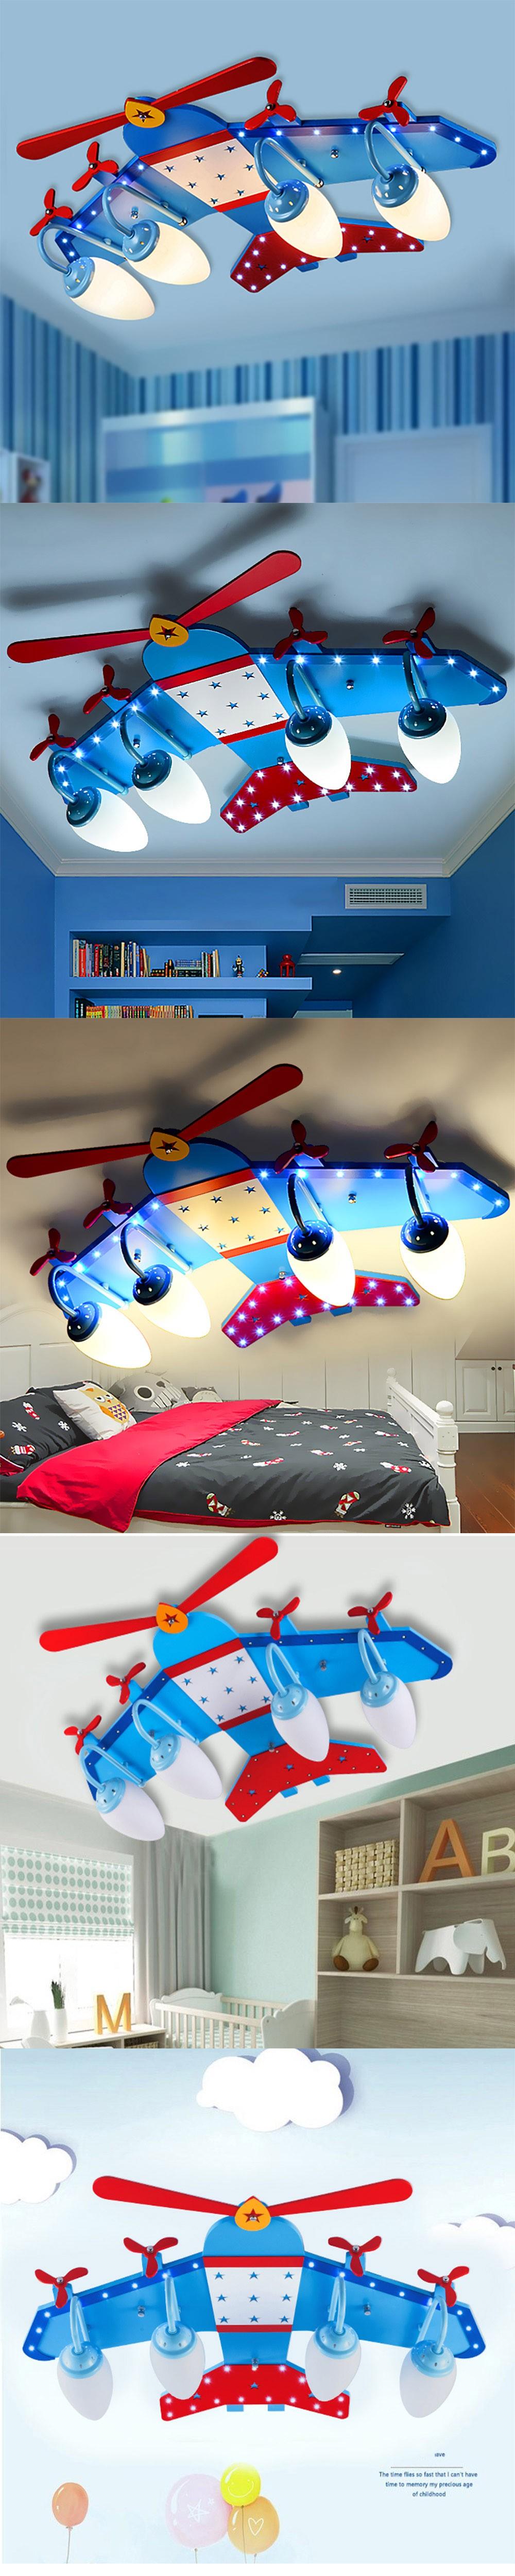 Купить Дети деревянный потолочный светильник E14 Светодиодные 110 В-220 В заподлицо потолочный светильник Мультфильм Спальня Самолет светодиодный потолочный свет лампы Акриловые